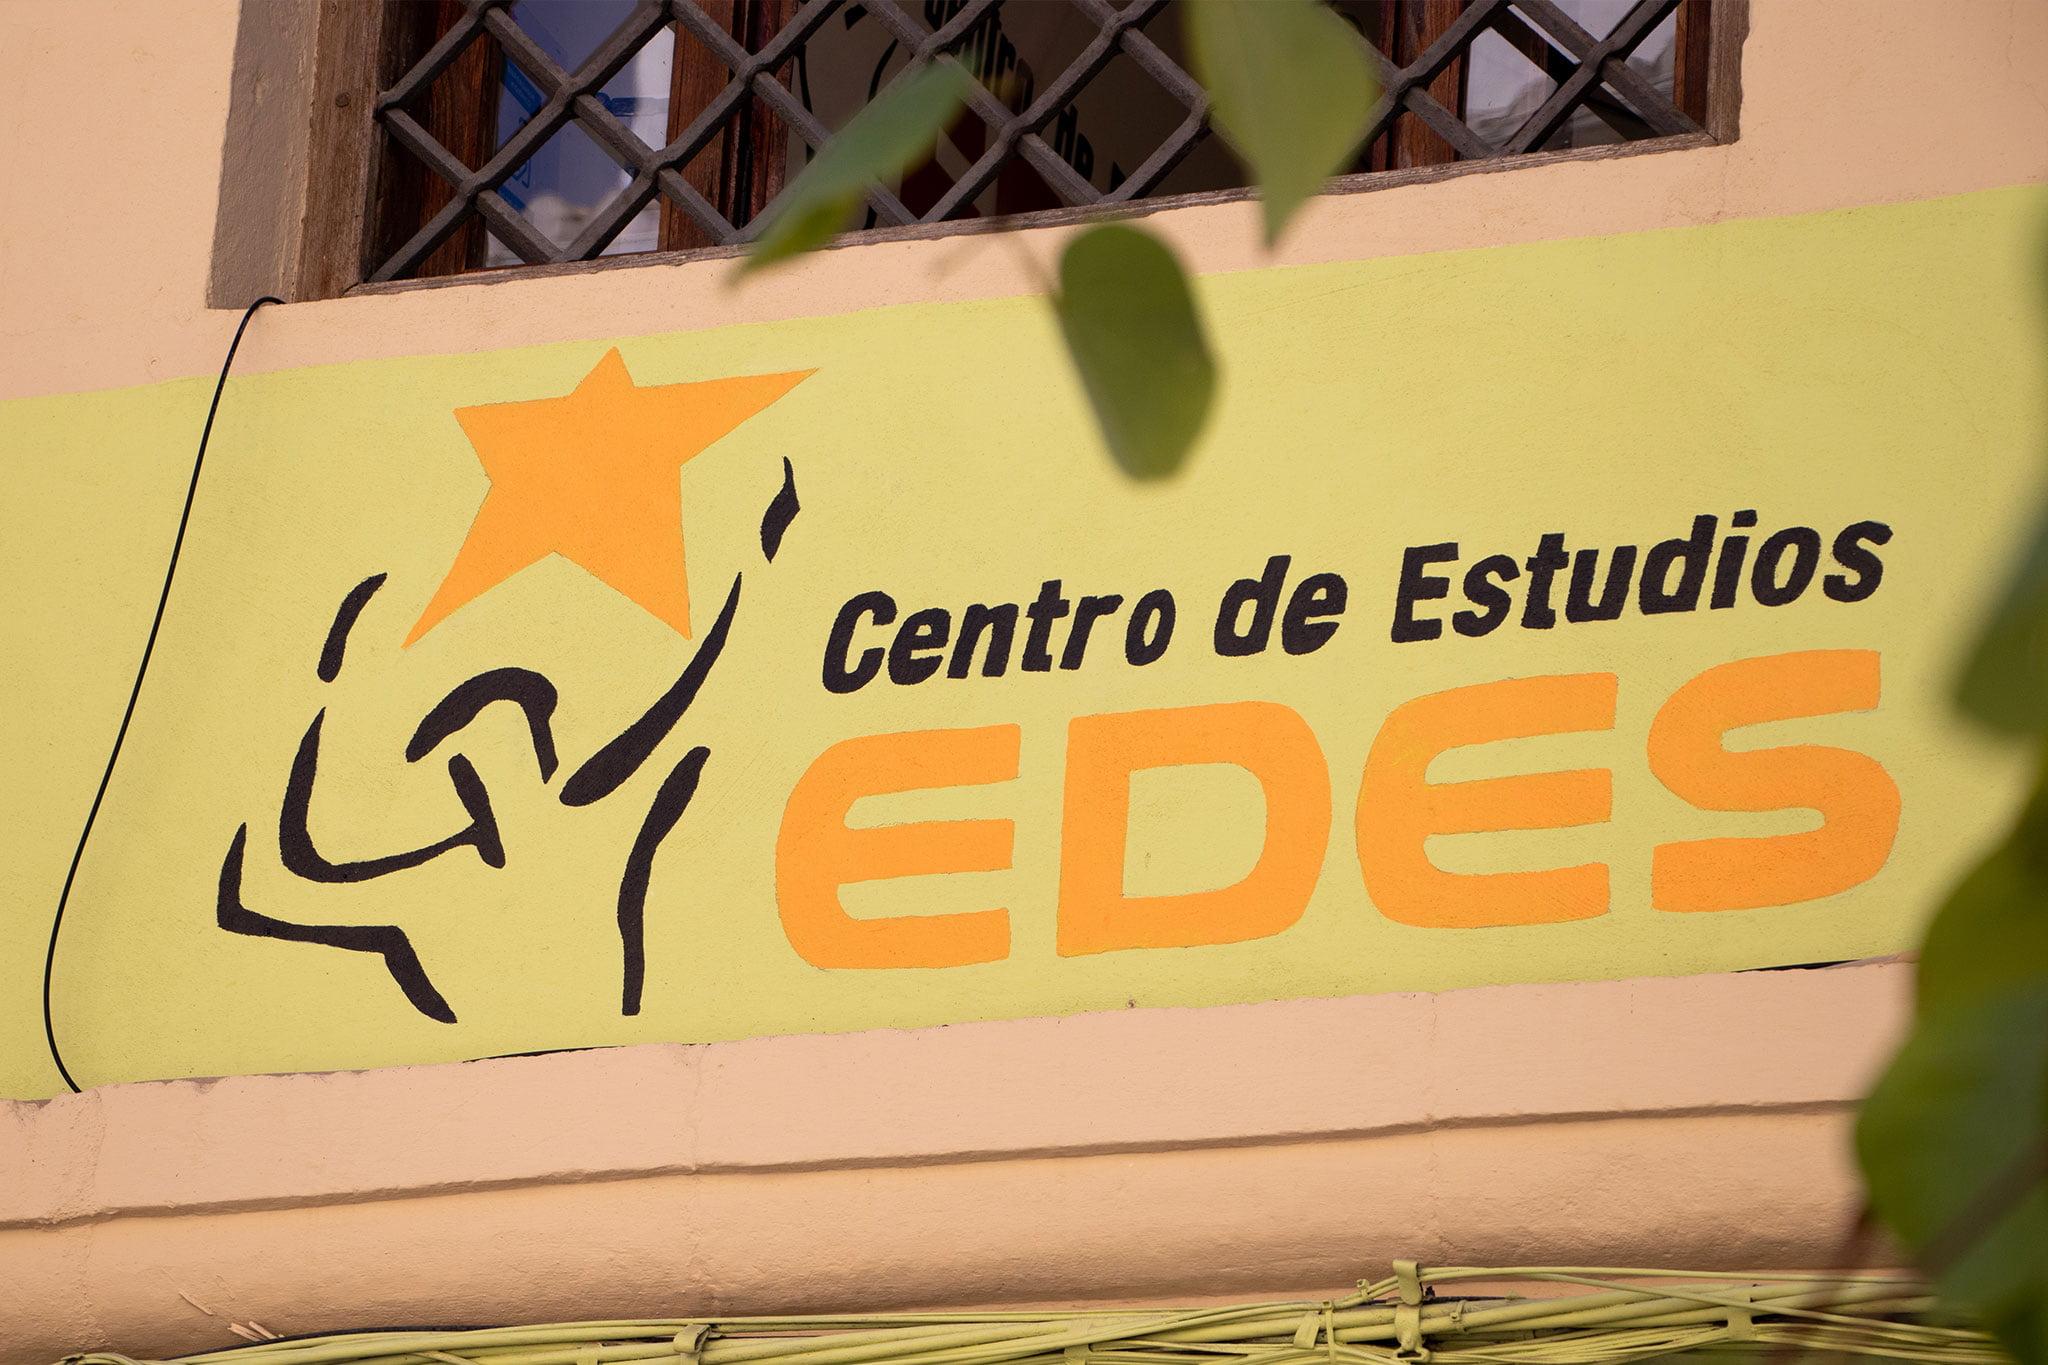 Nombre en la fachada – Centro de Estudios EDES